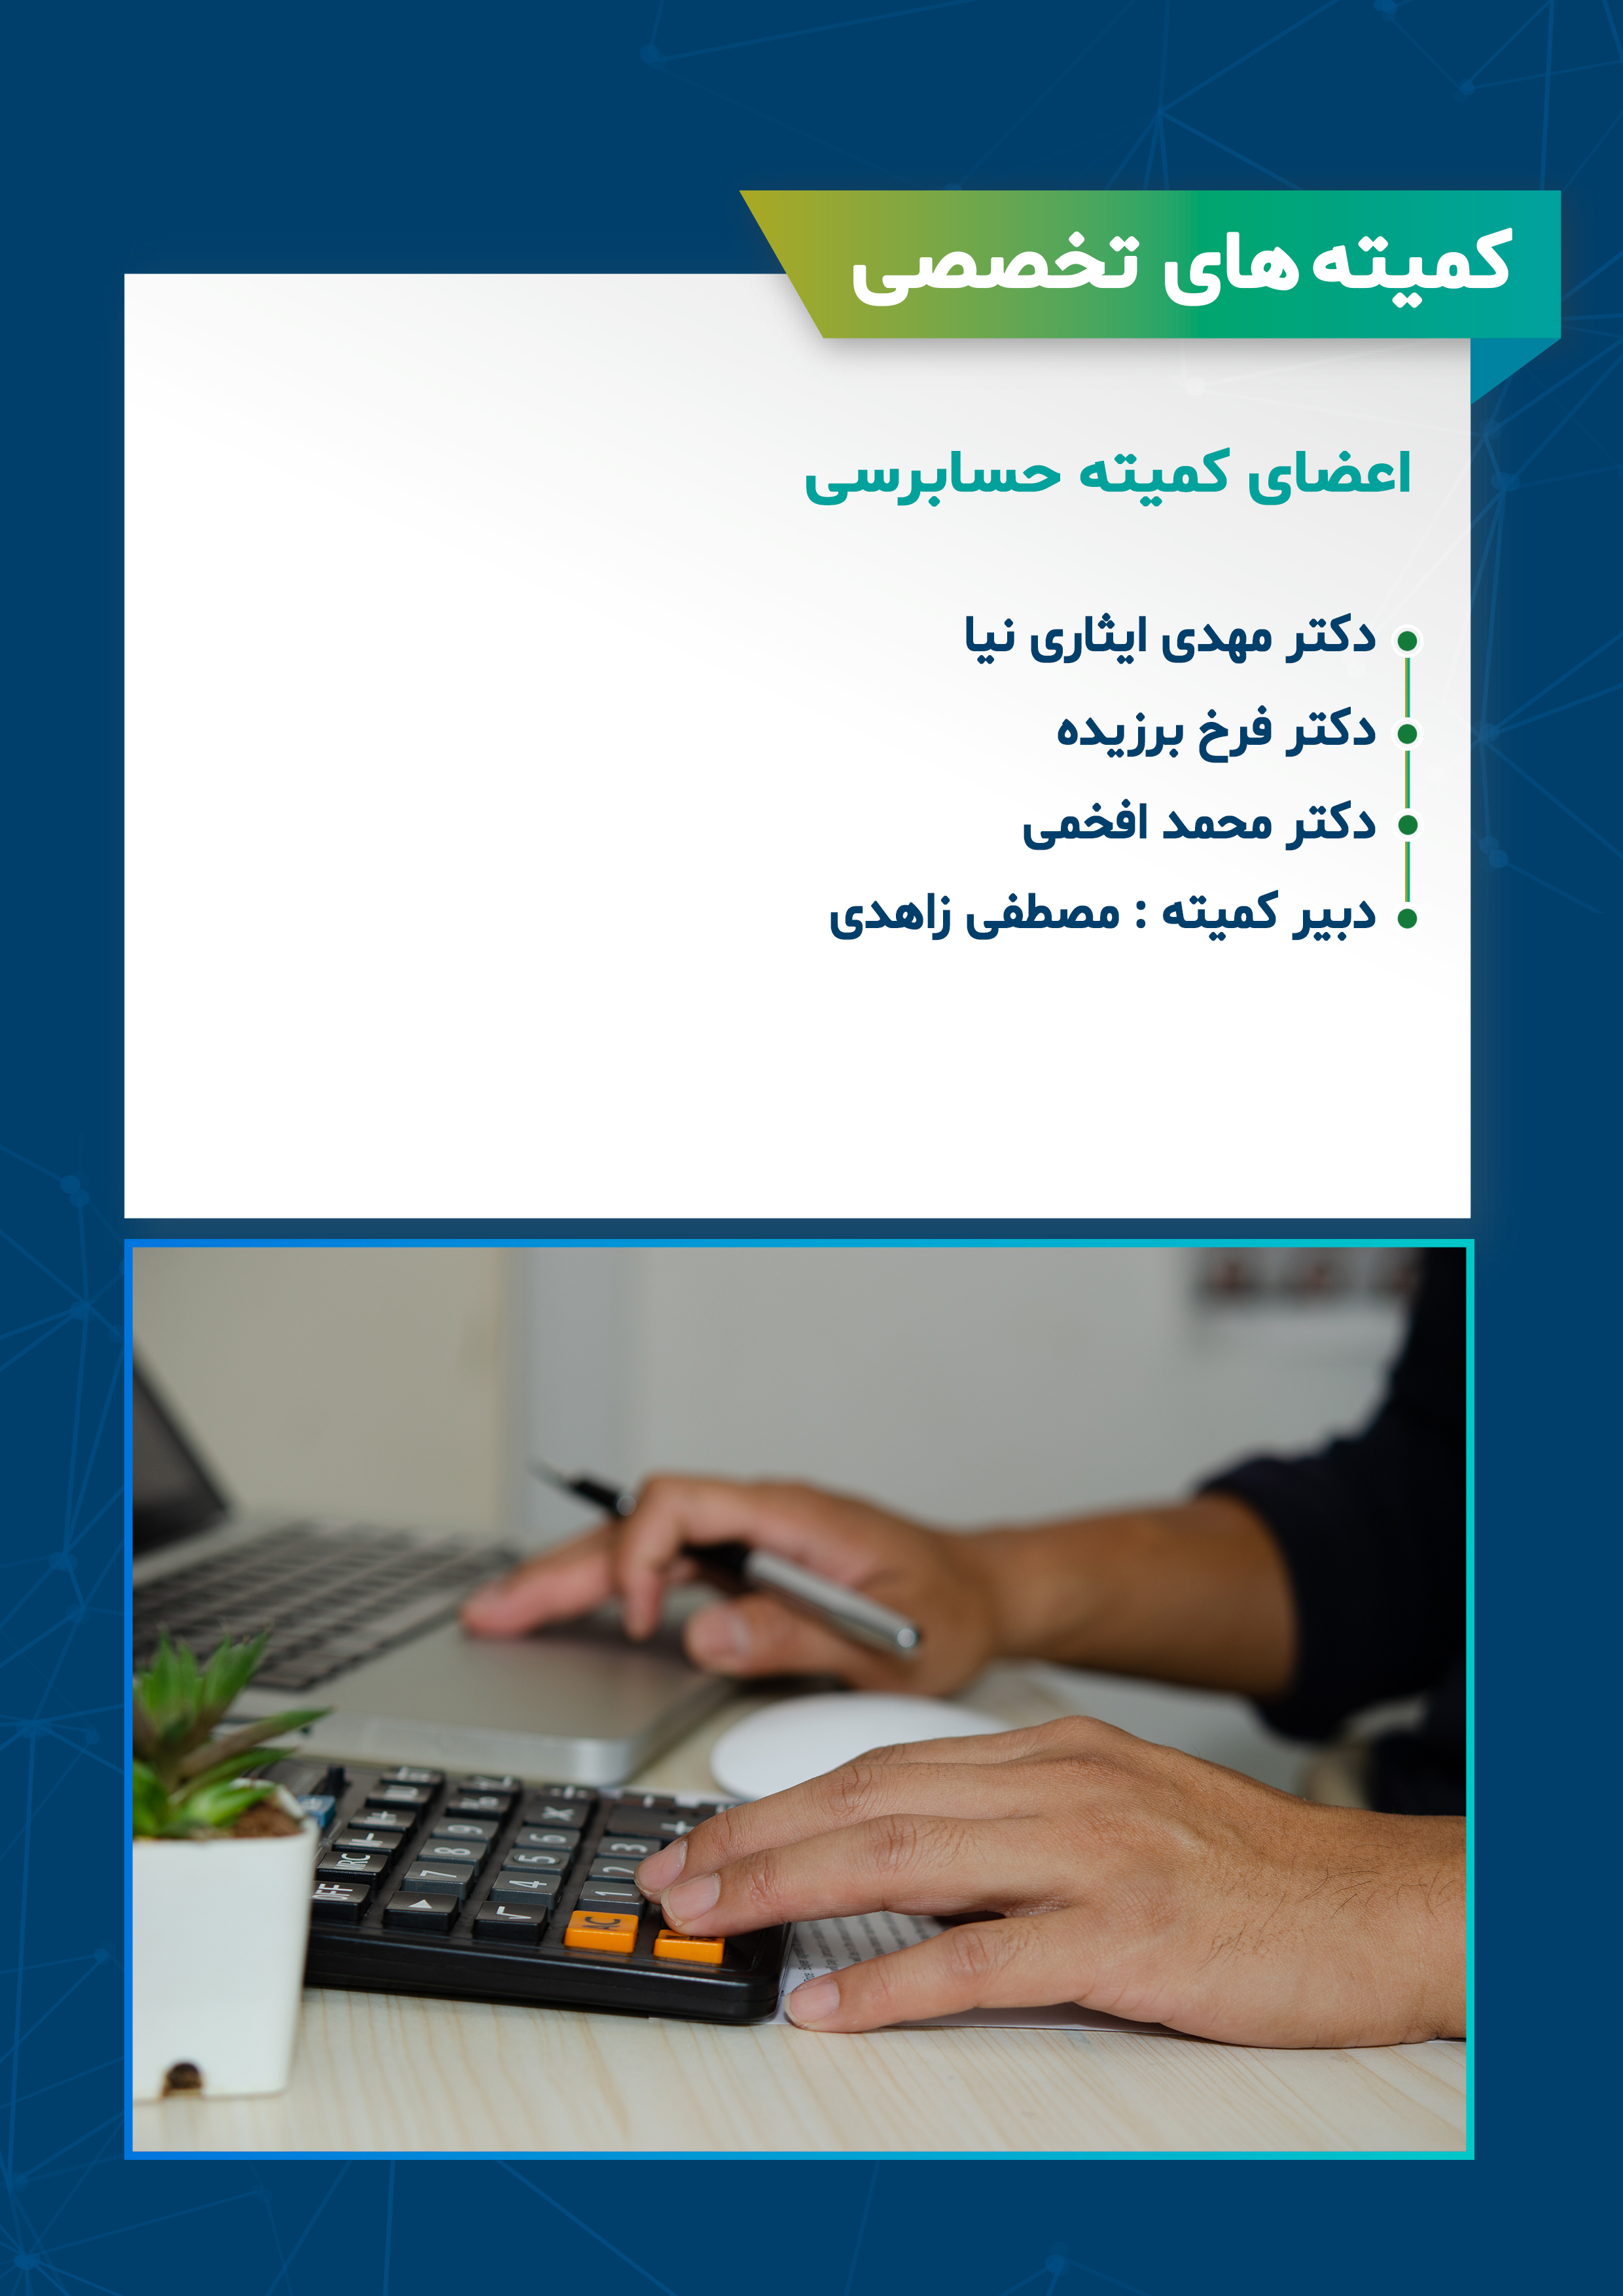 کمیته-حسابرسی